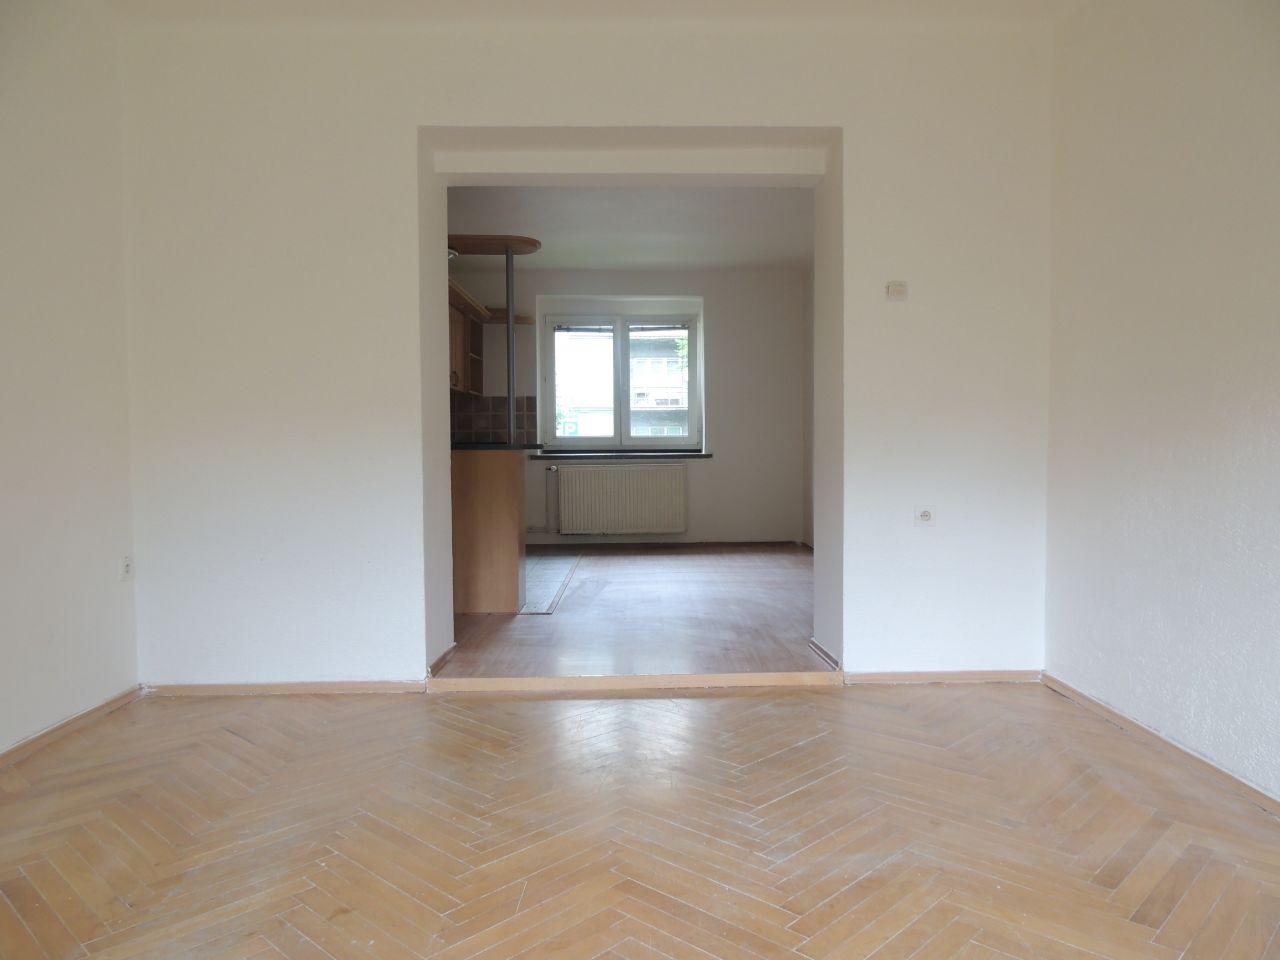 Pronájem bytu 2+1 54 m2, ul. Samoljovova 1758/3, Ostrava - Zábřeh